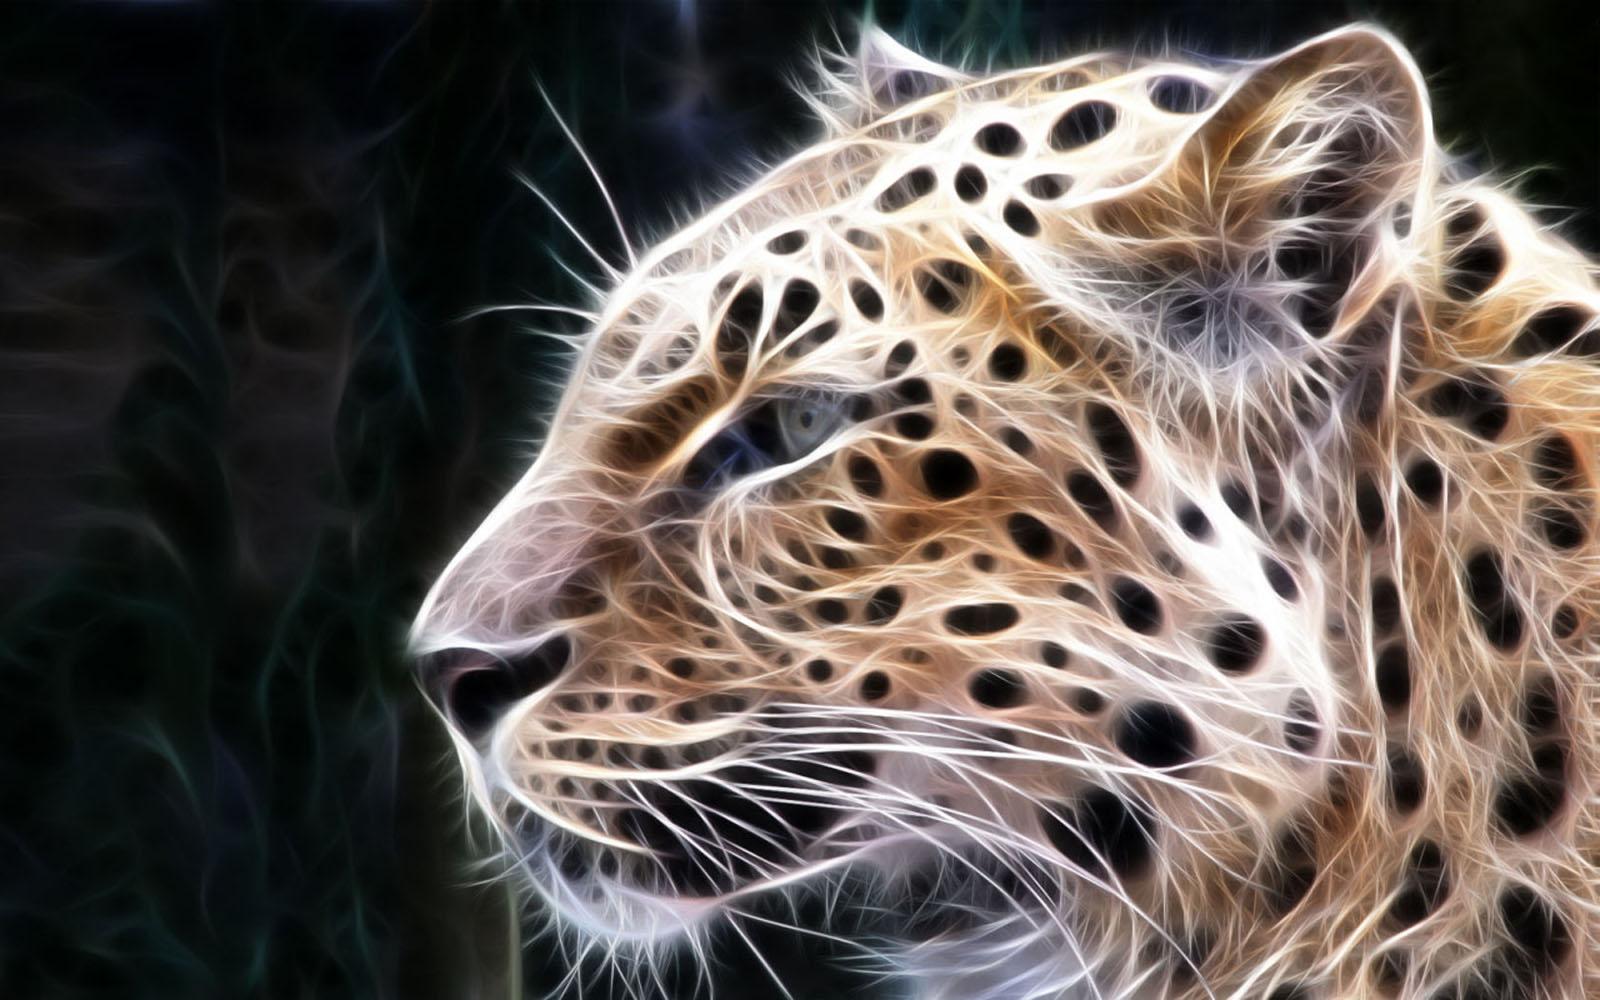 Wallpaper leopard 3d wallpapers - 3d animal wallpaper ...